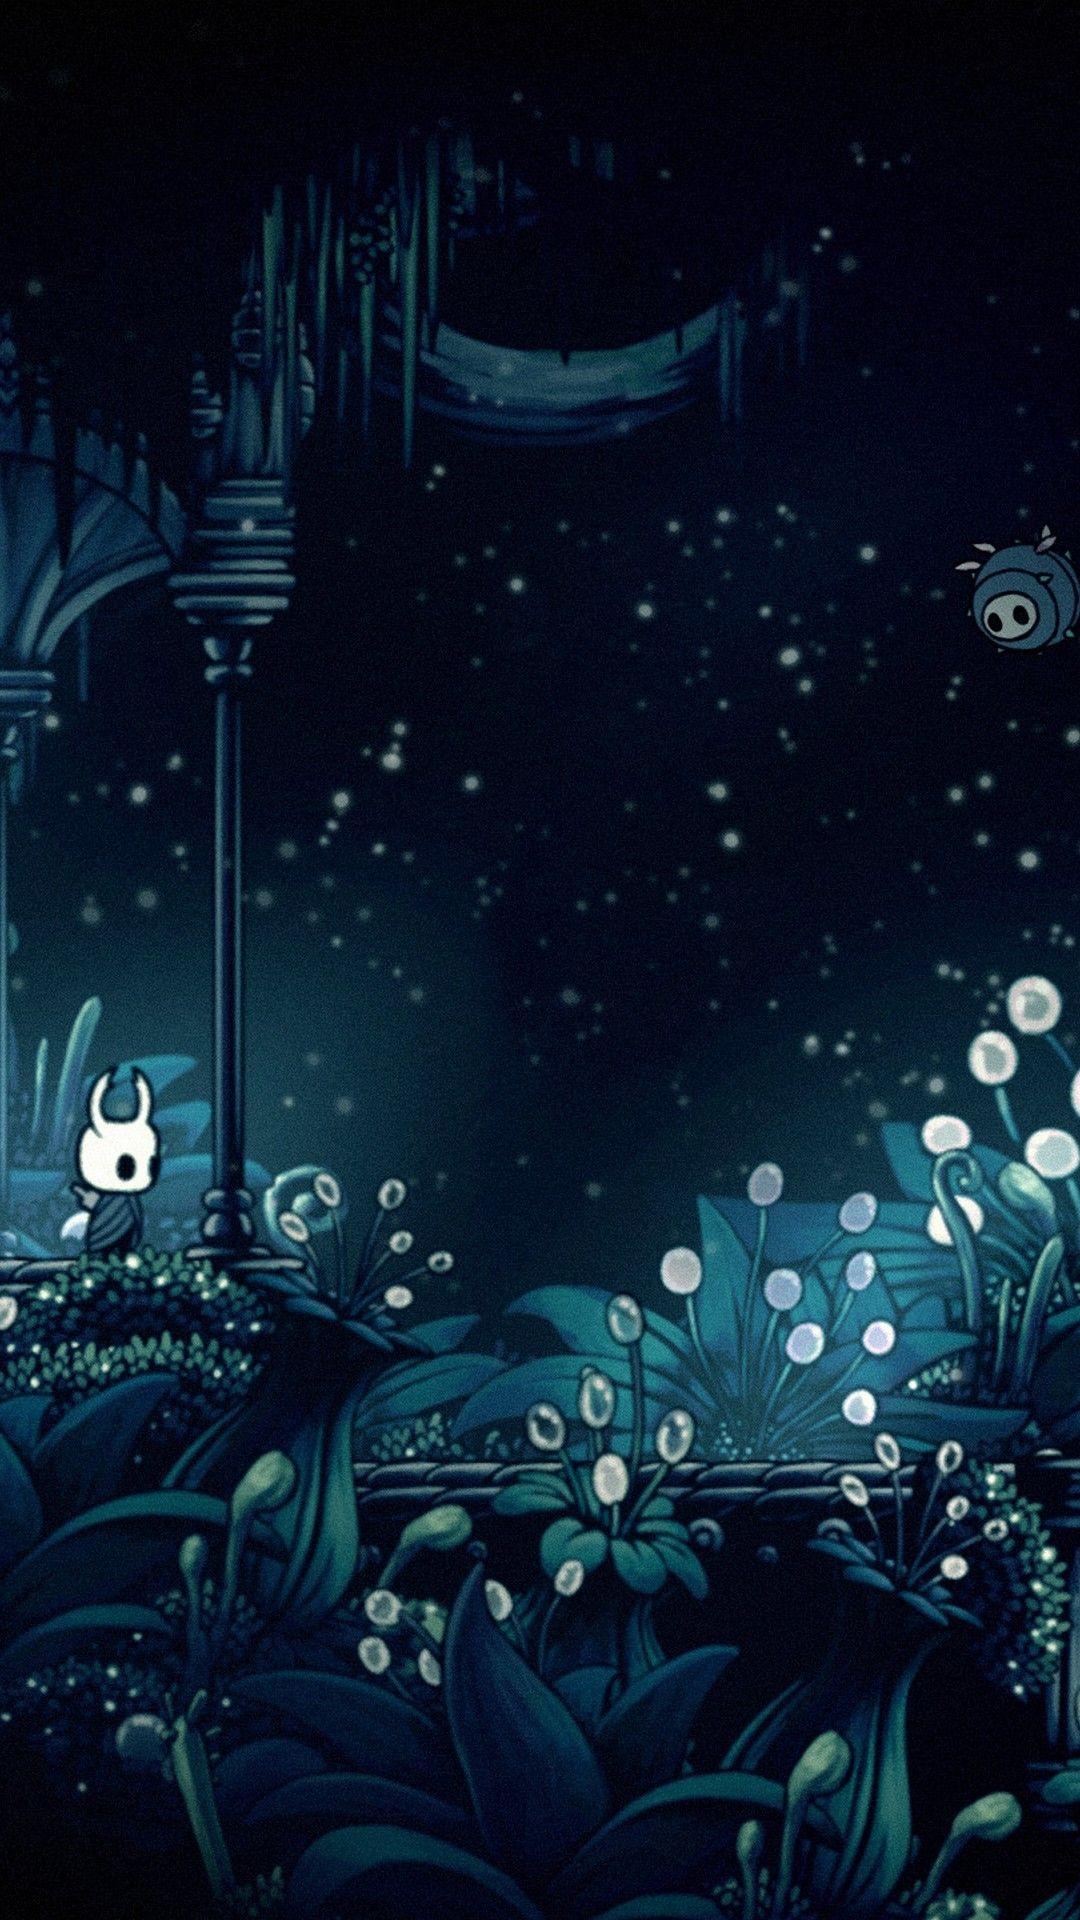 1080x1920 Hollow Knight i Phones hình nền.  Hình nền điện thoại 2020 HD